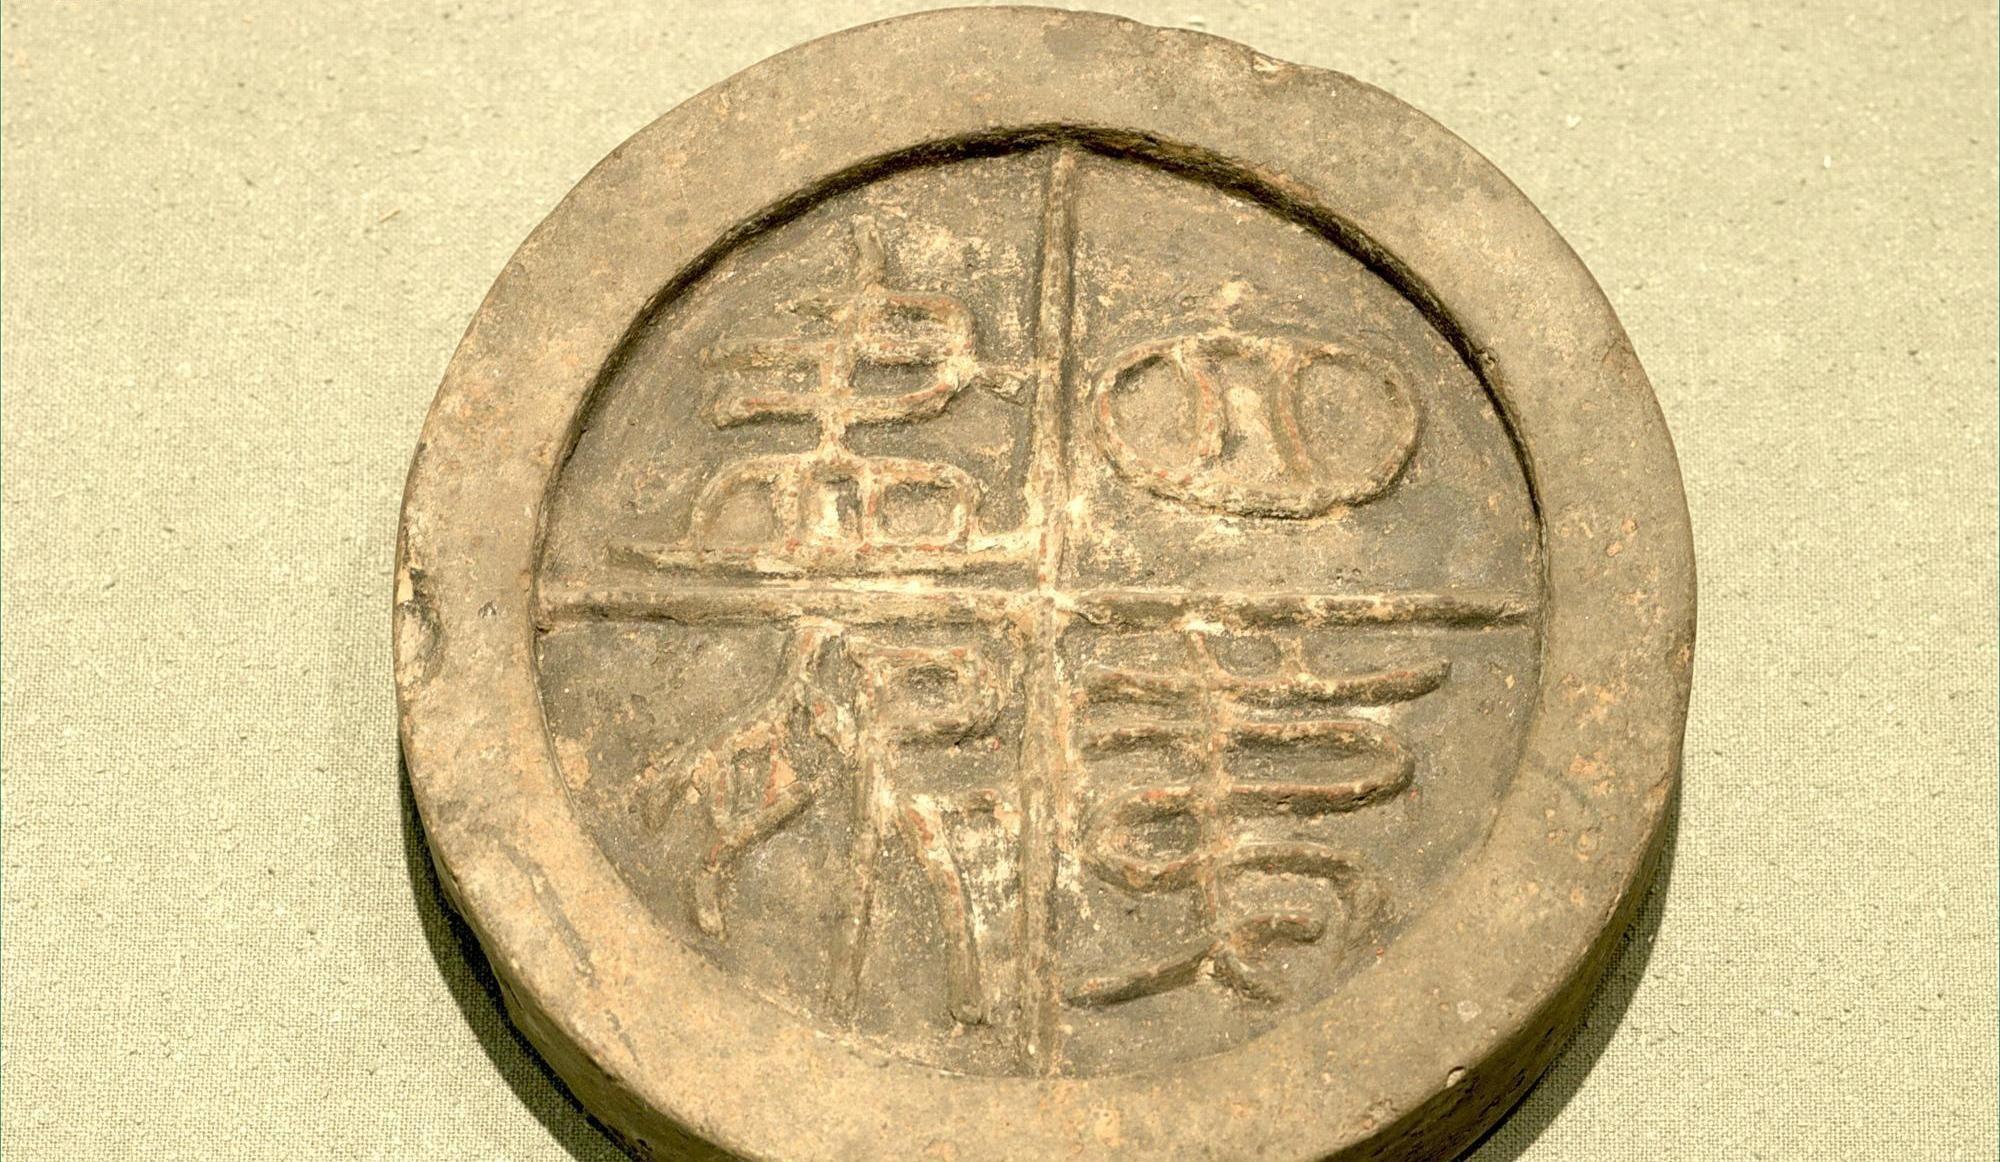 历史图集:汉代画像砖,河南许昌博物馆藏品